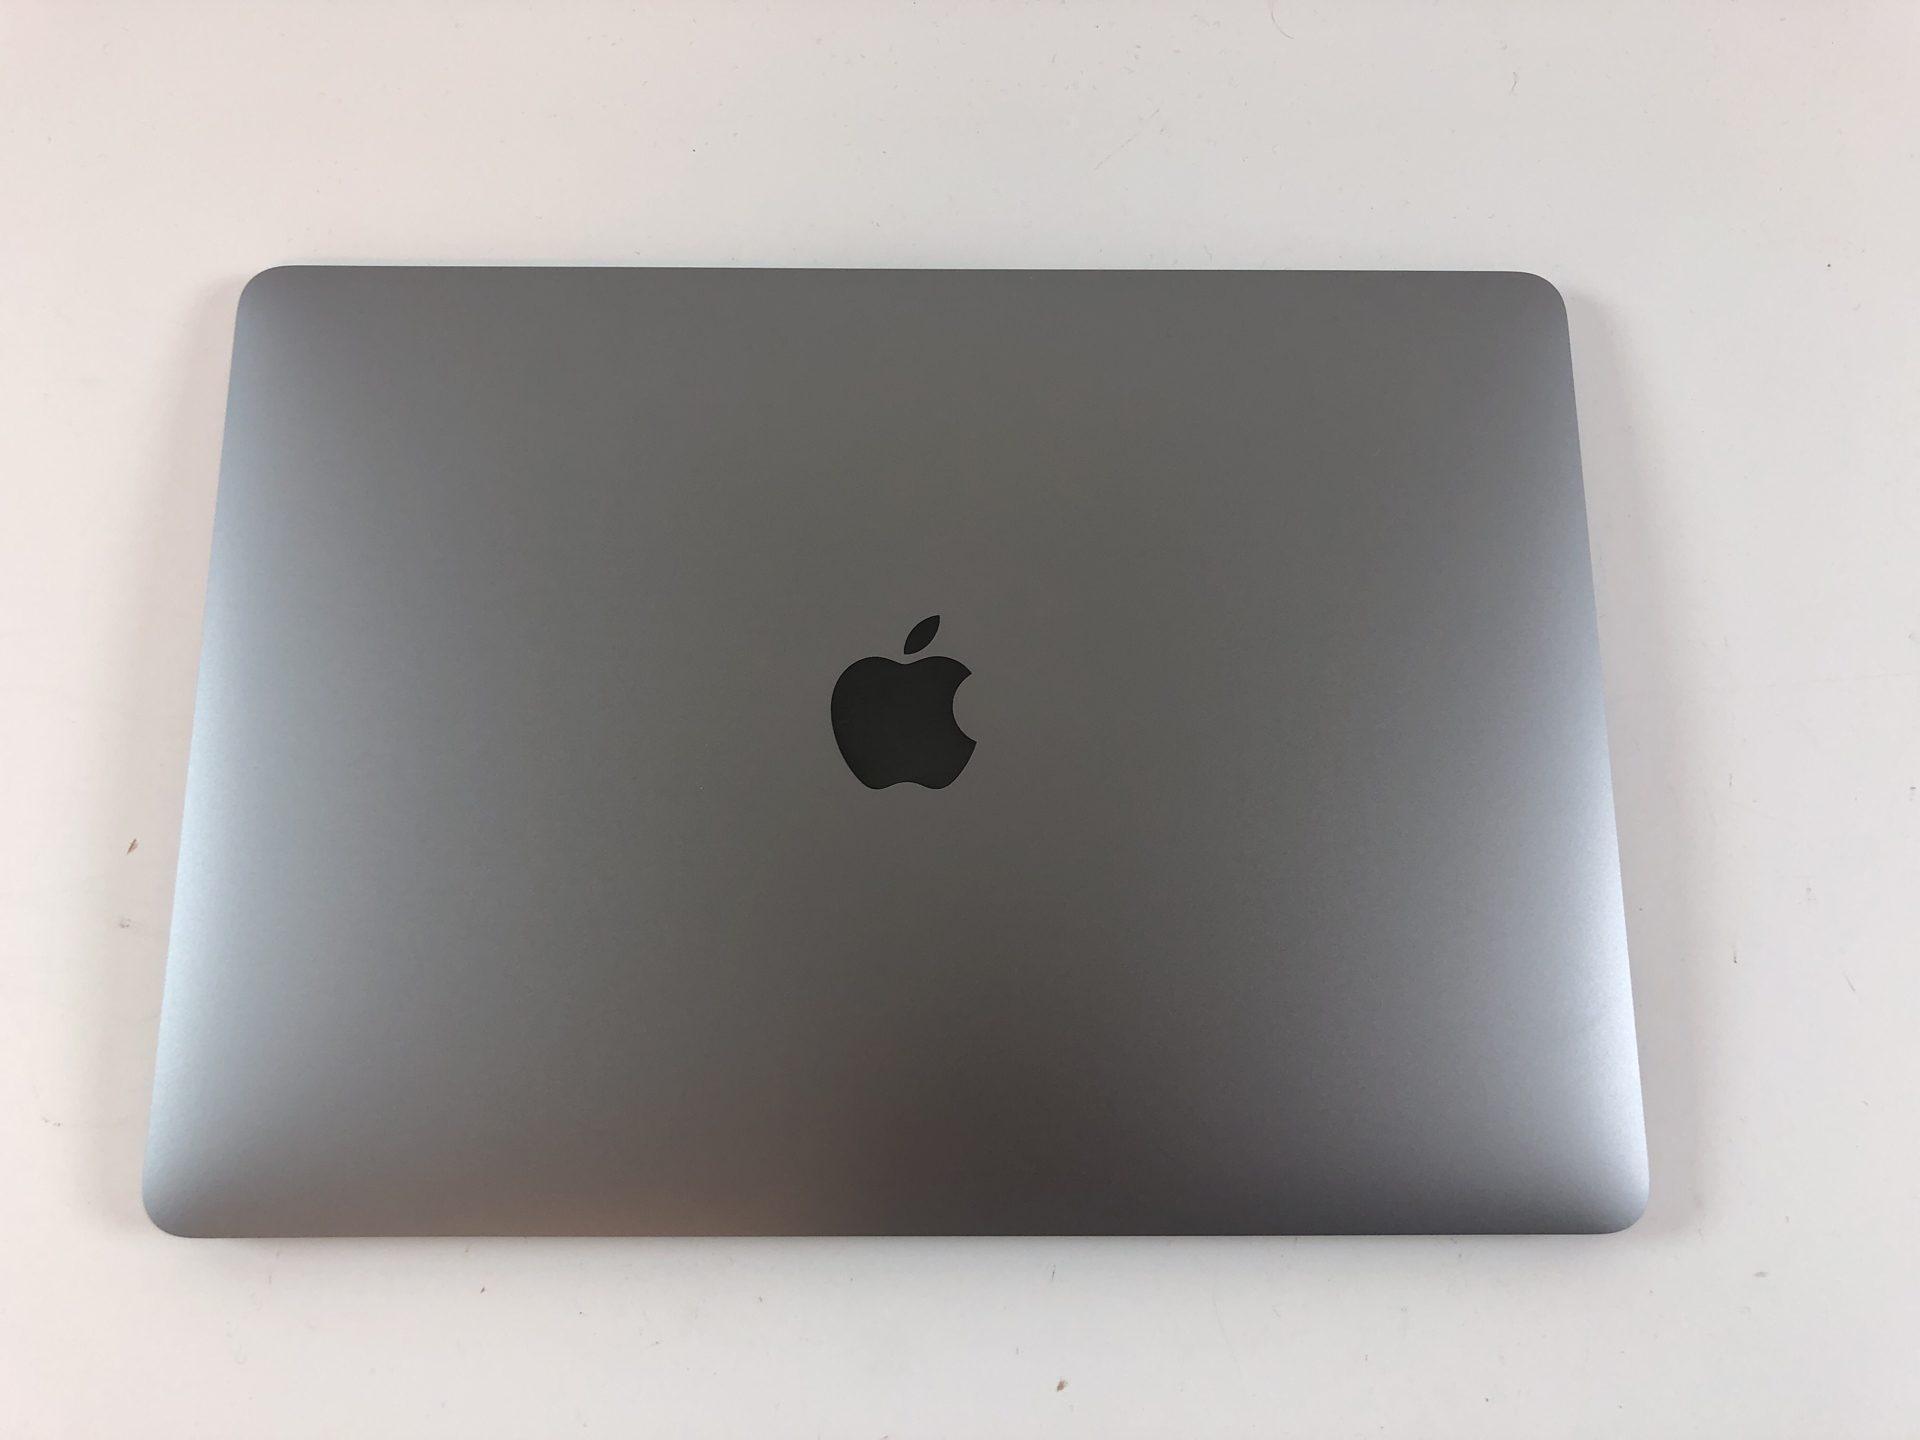 """MacBook Pro 13"""" 2TBT Mid 2019 (Intel Quad-Core i5 1.4 GHz 8 GB RAM 256 GB SSD), Space Gray, Intel Quad-Core i5 1.4 GHz, 8 GB RAM, 256 GB SSD, Kuva 2"""